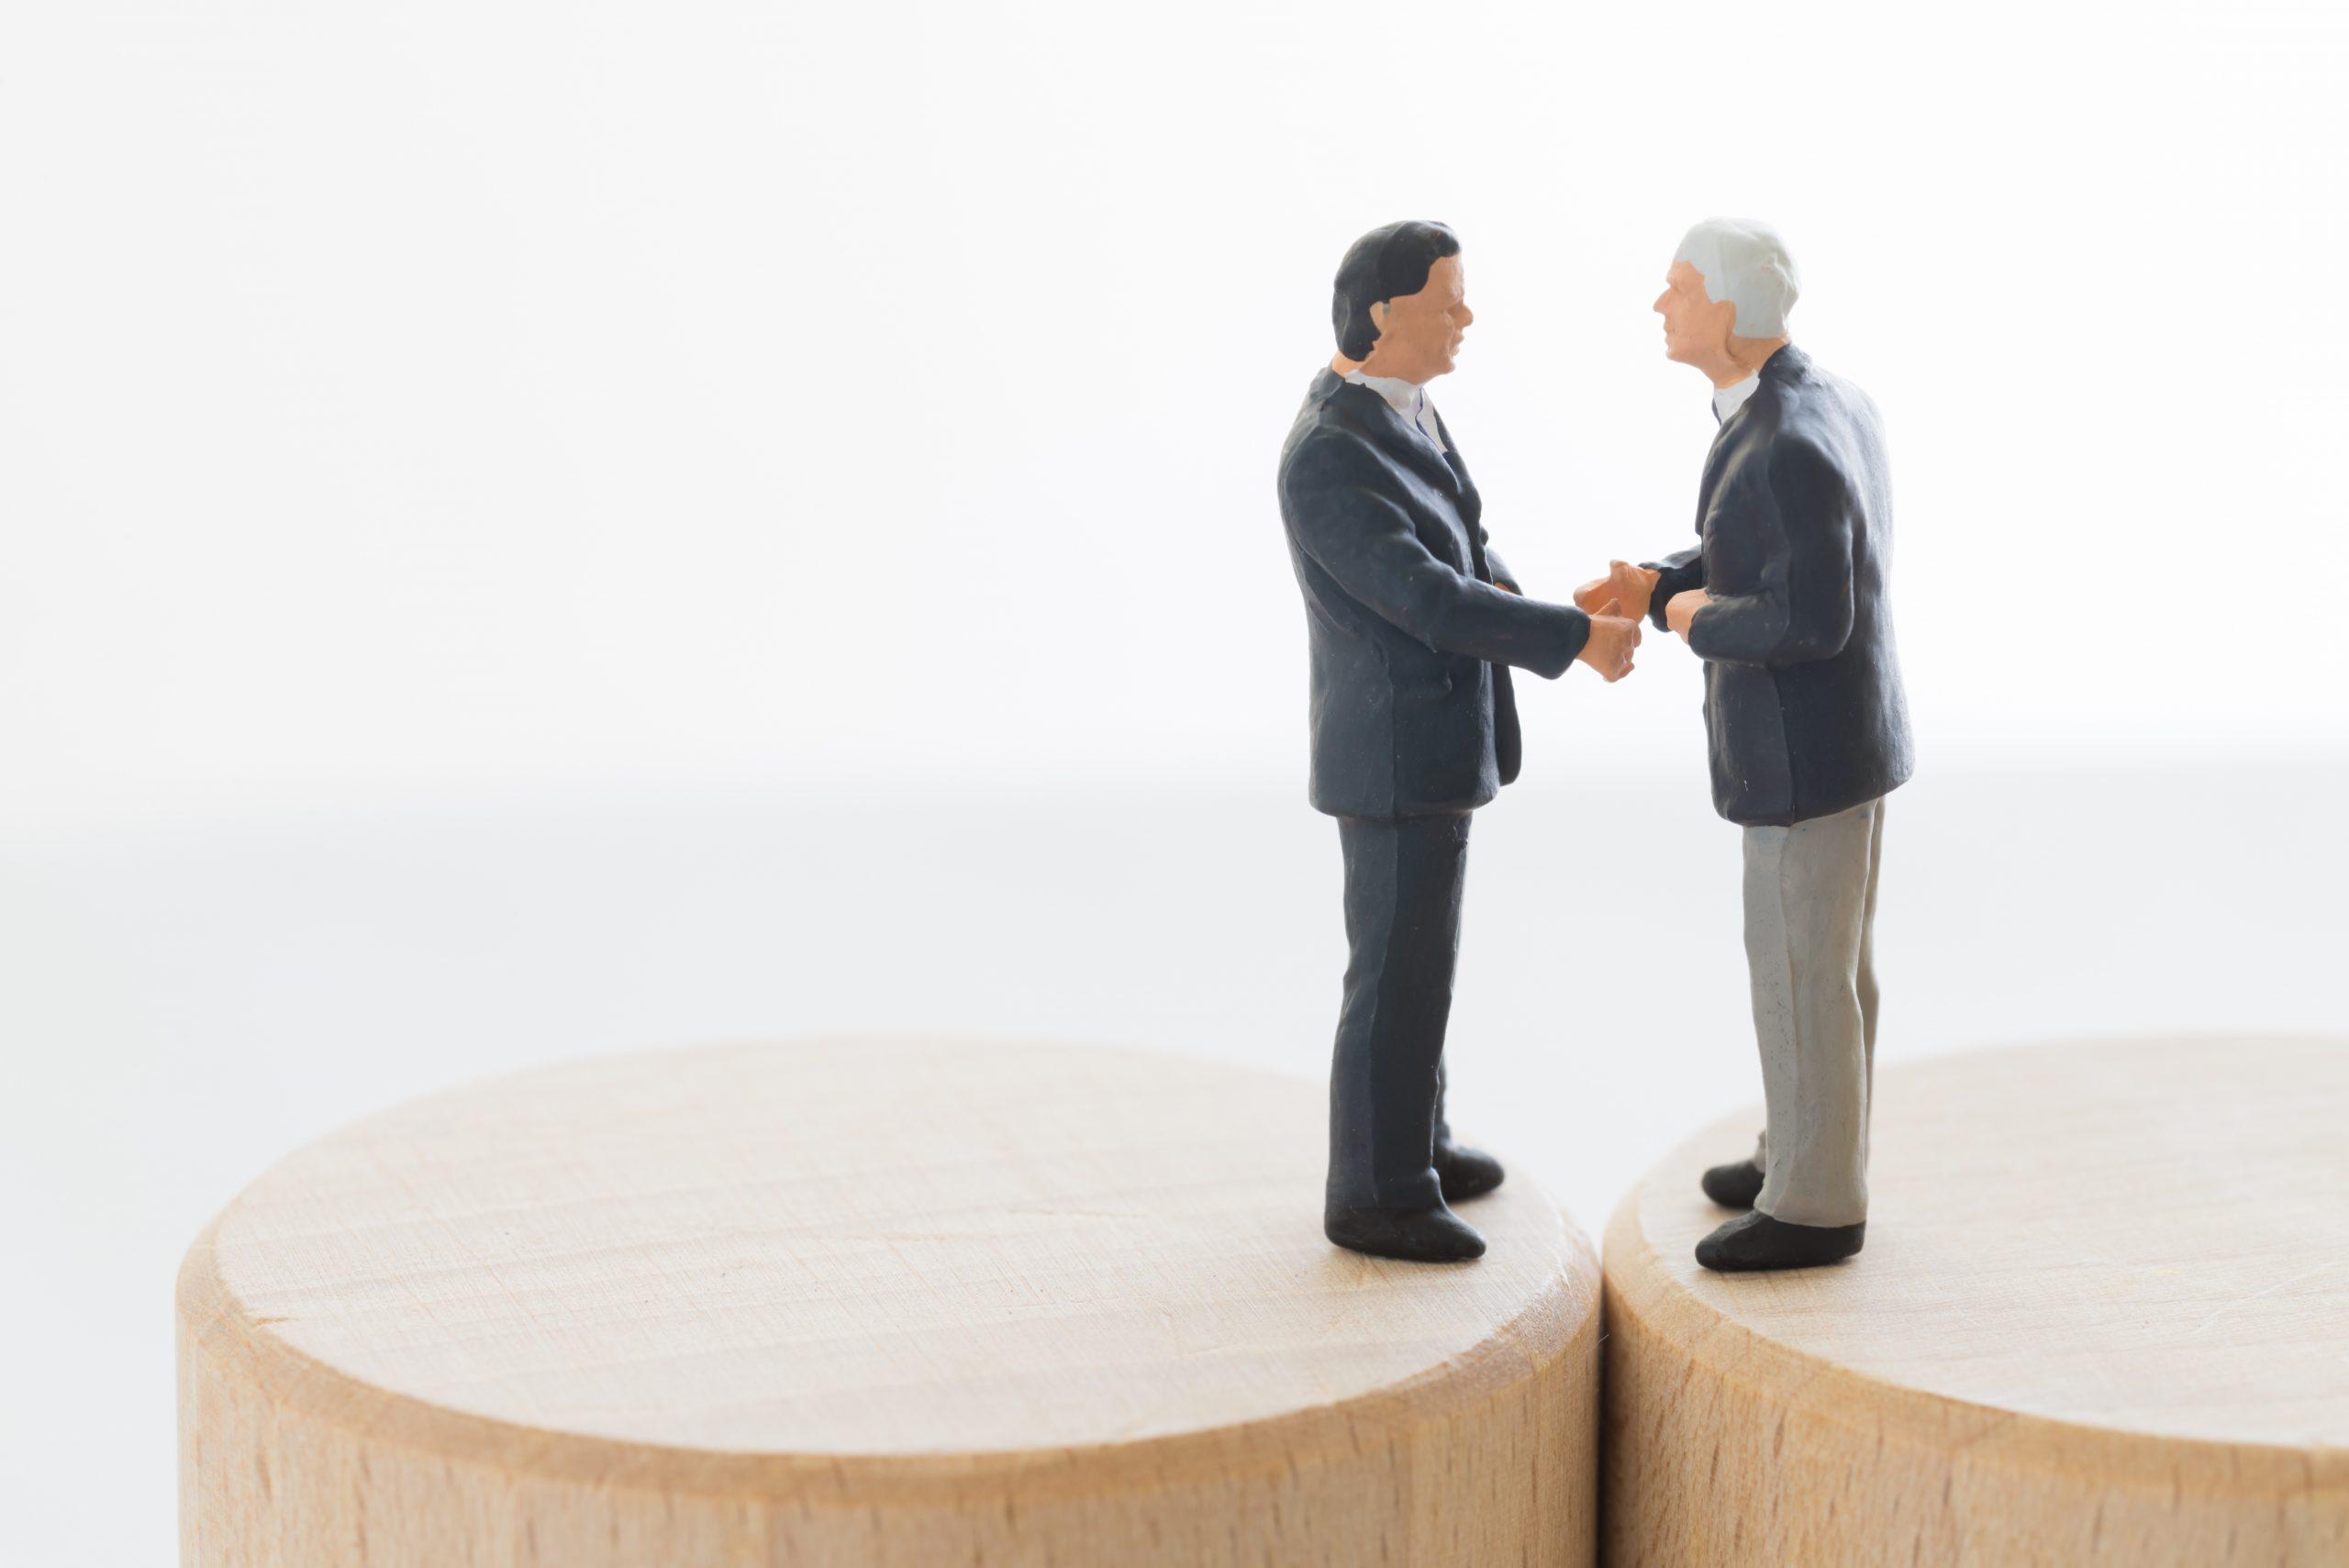 【事業者向け】債権回収と弁護士の活用